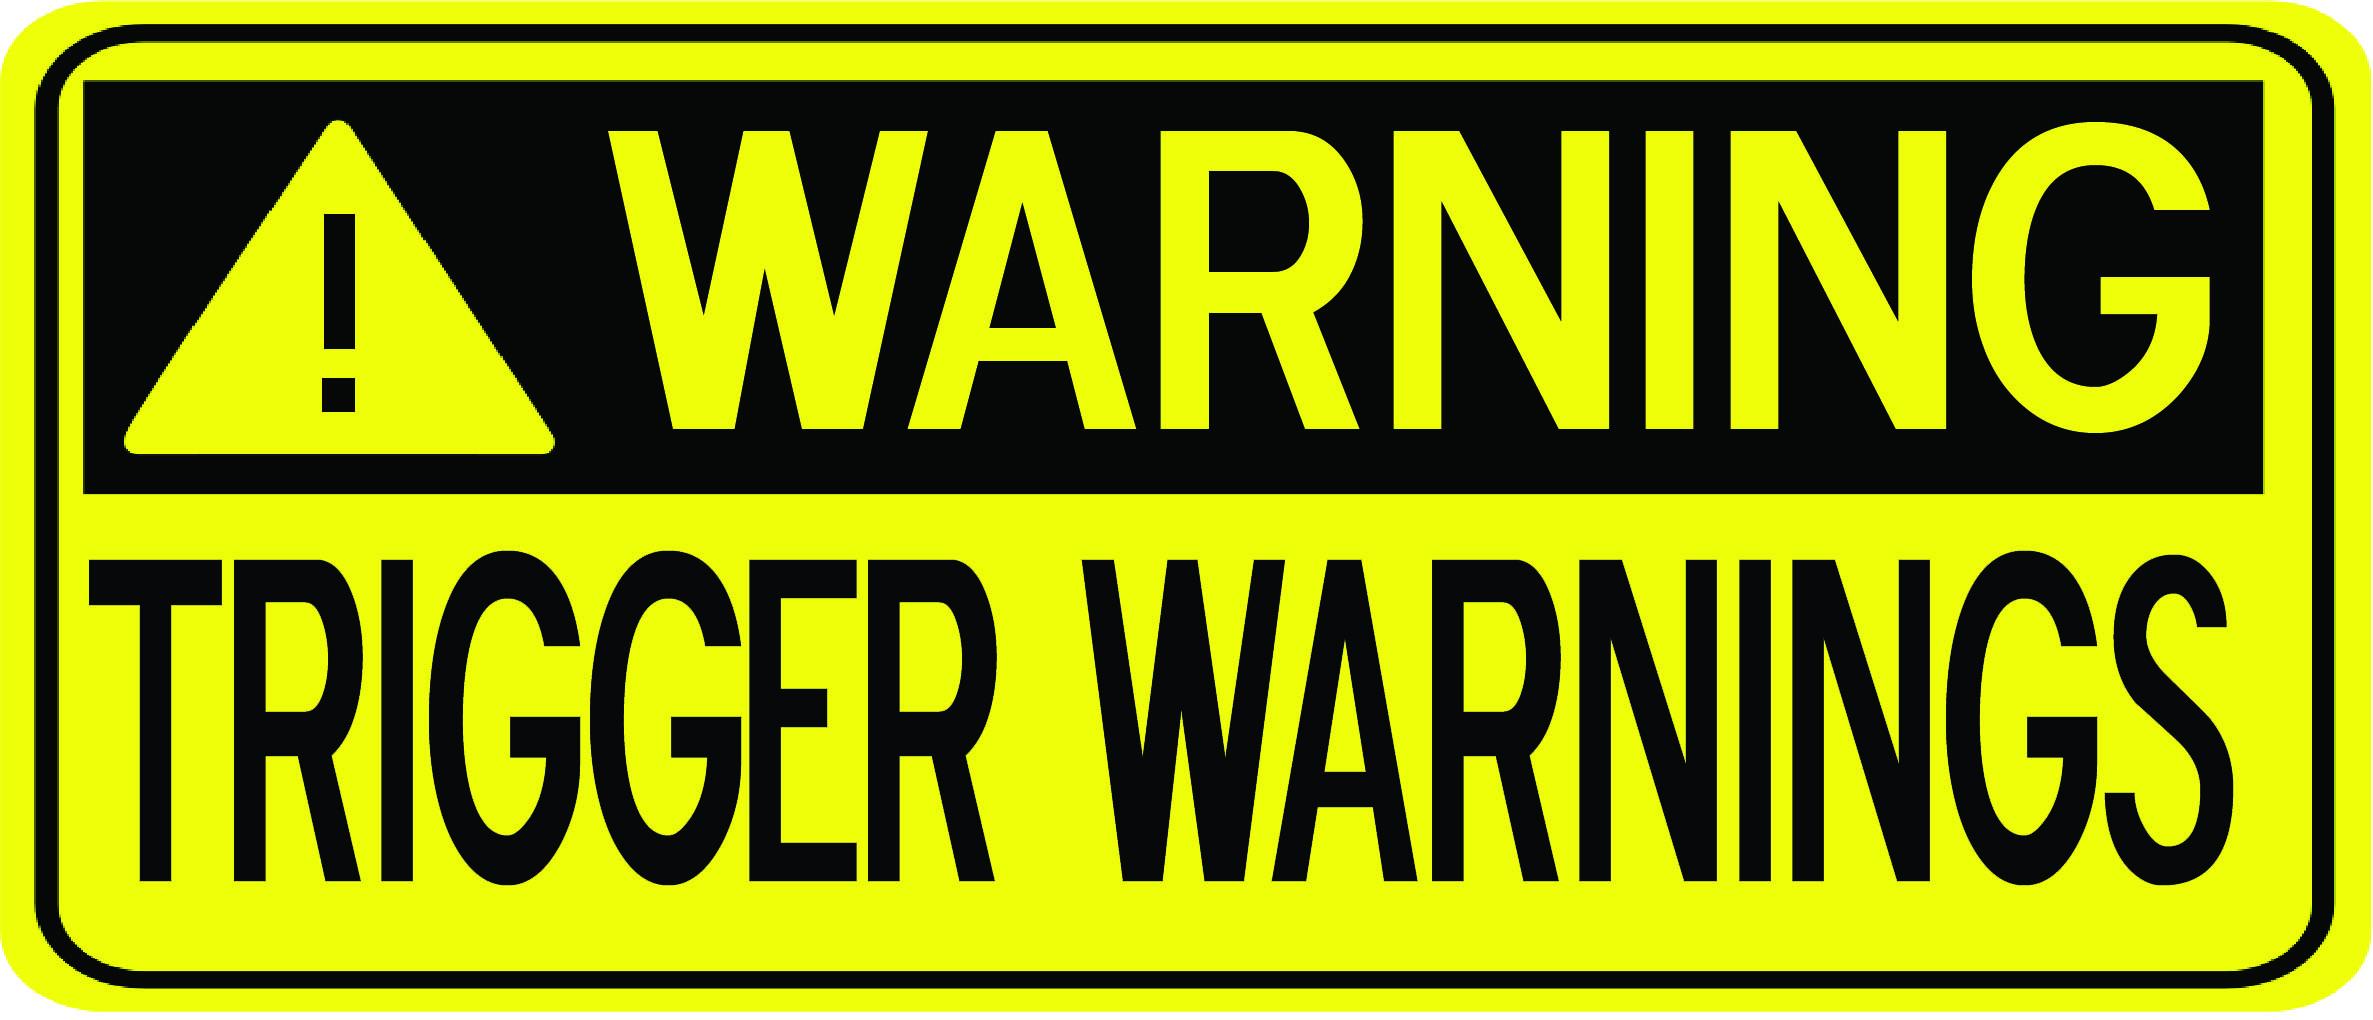 warning-trigger-warnings.jpg